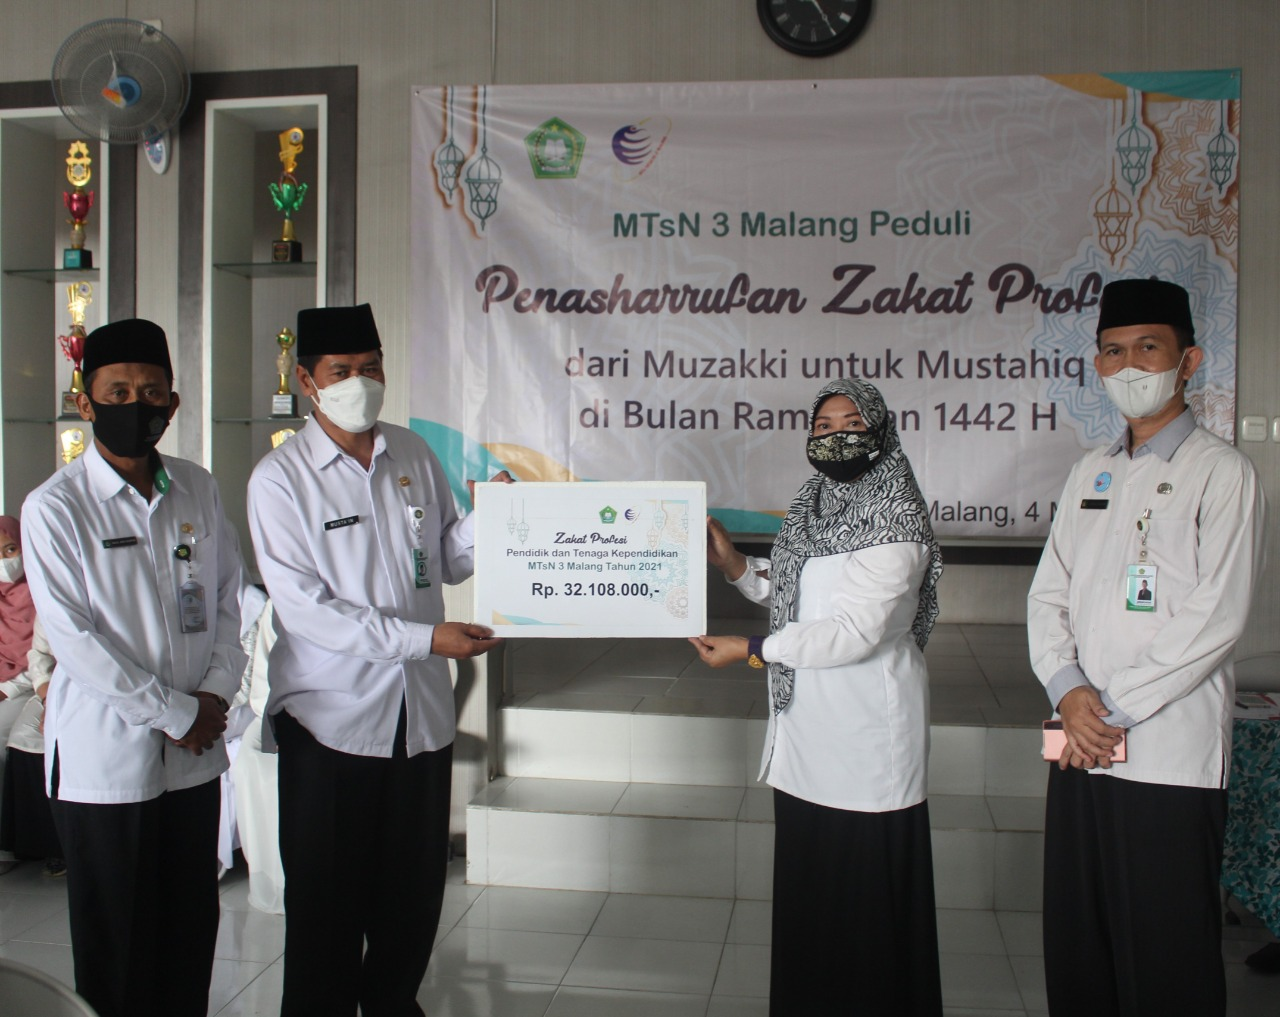 MTsN 3 Malang Mentasharufkan Zakat Profesi Pada Peserta Didik dan Masyarakat Terdampak Pandemi Covid 19